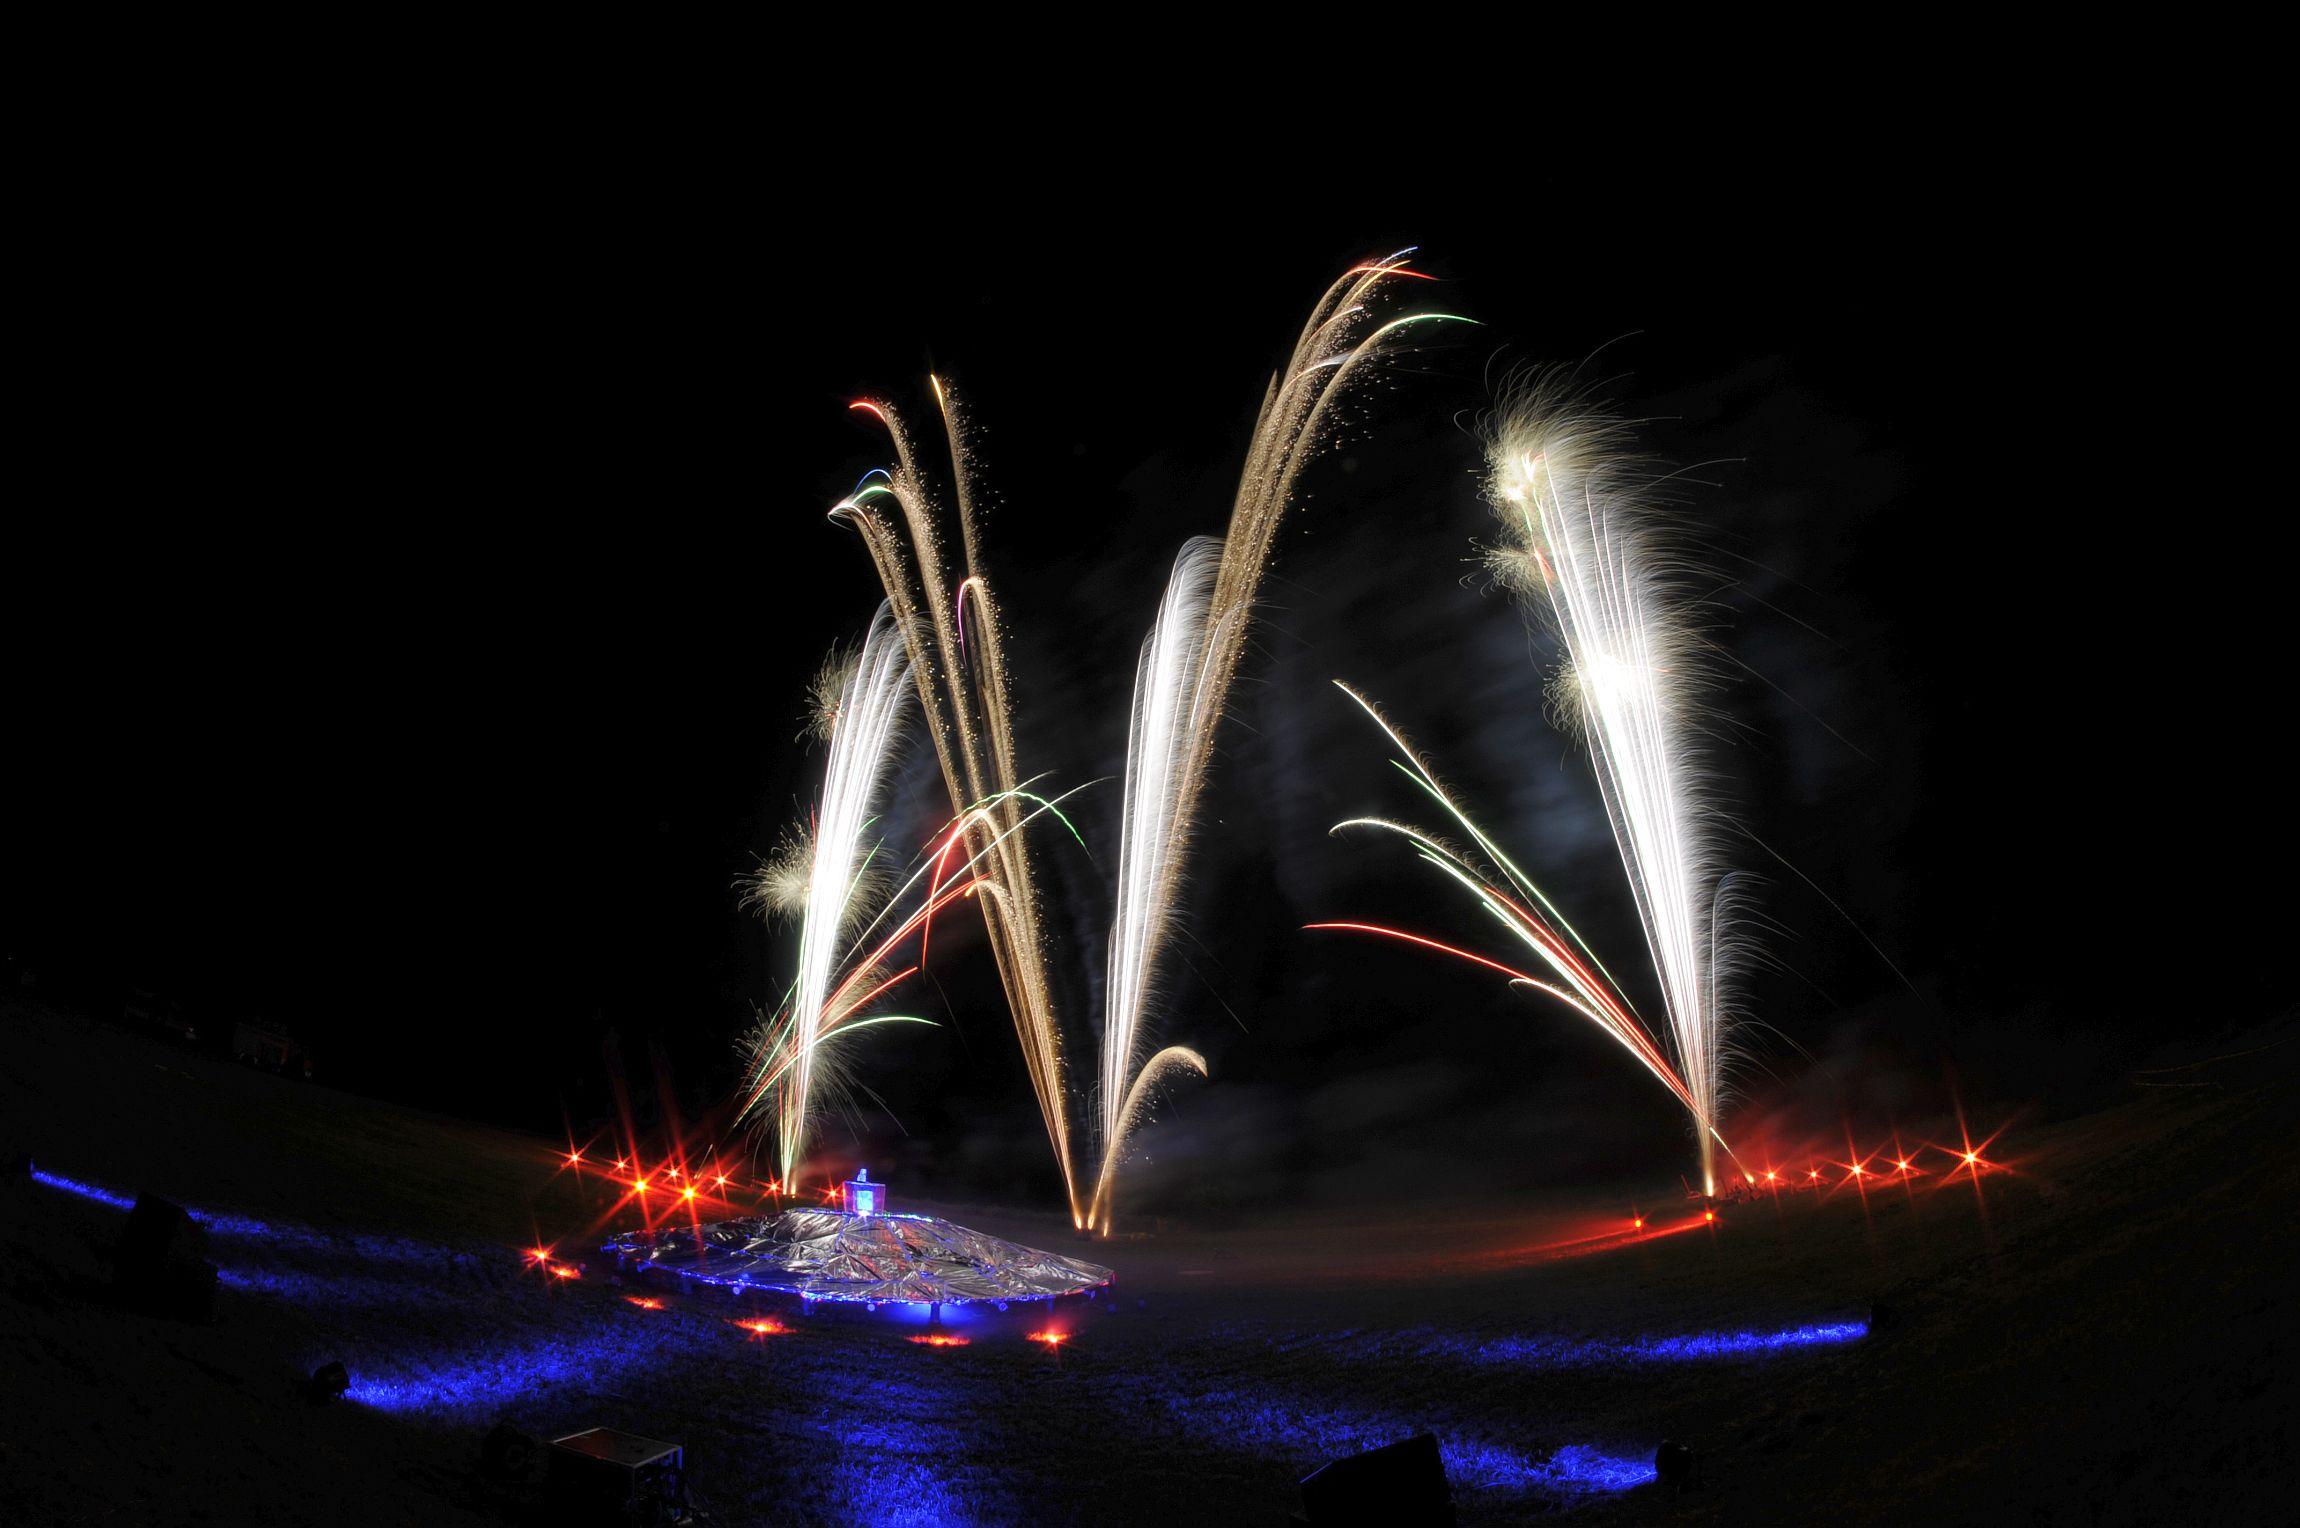 Stelzenfestspiele Reuth 2016